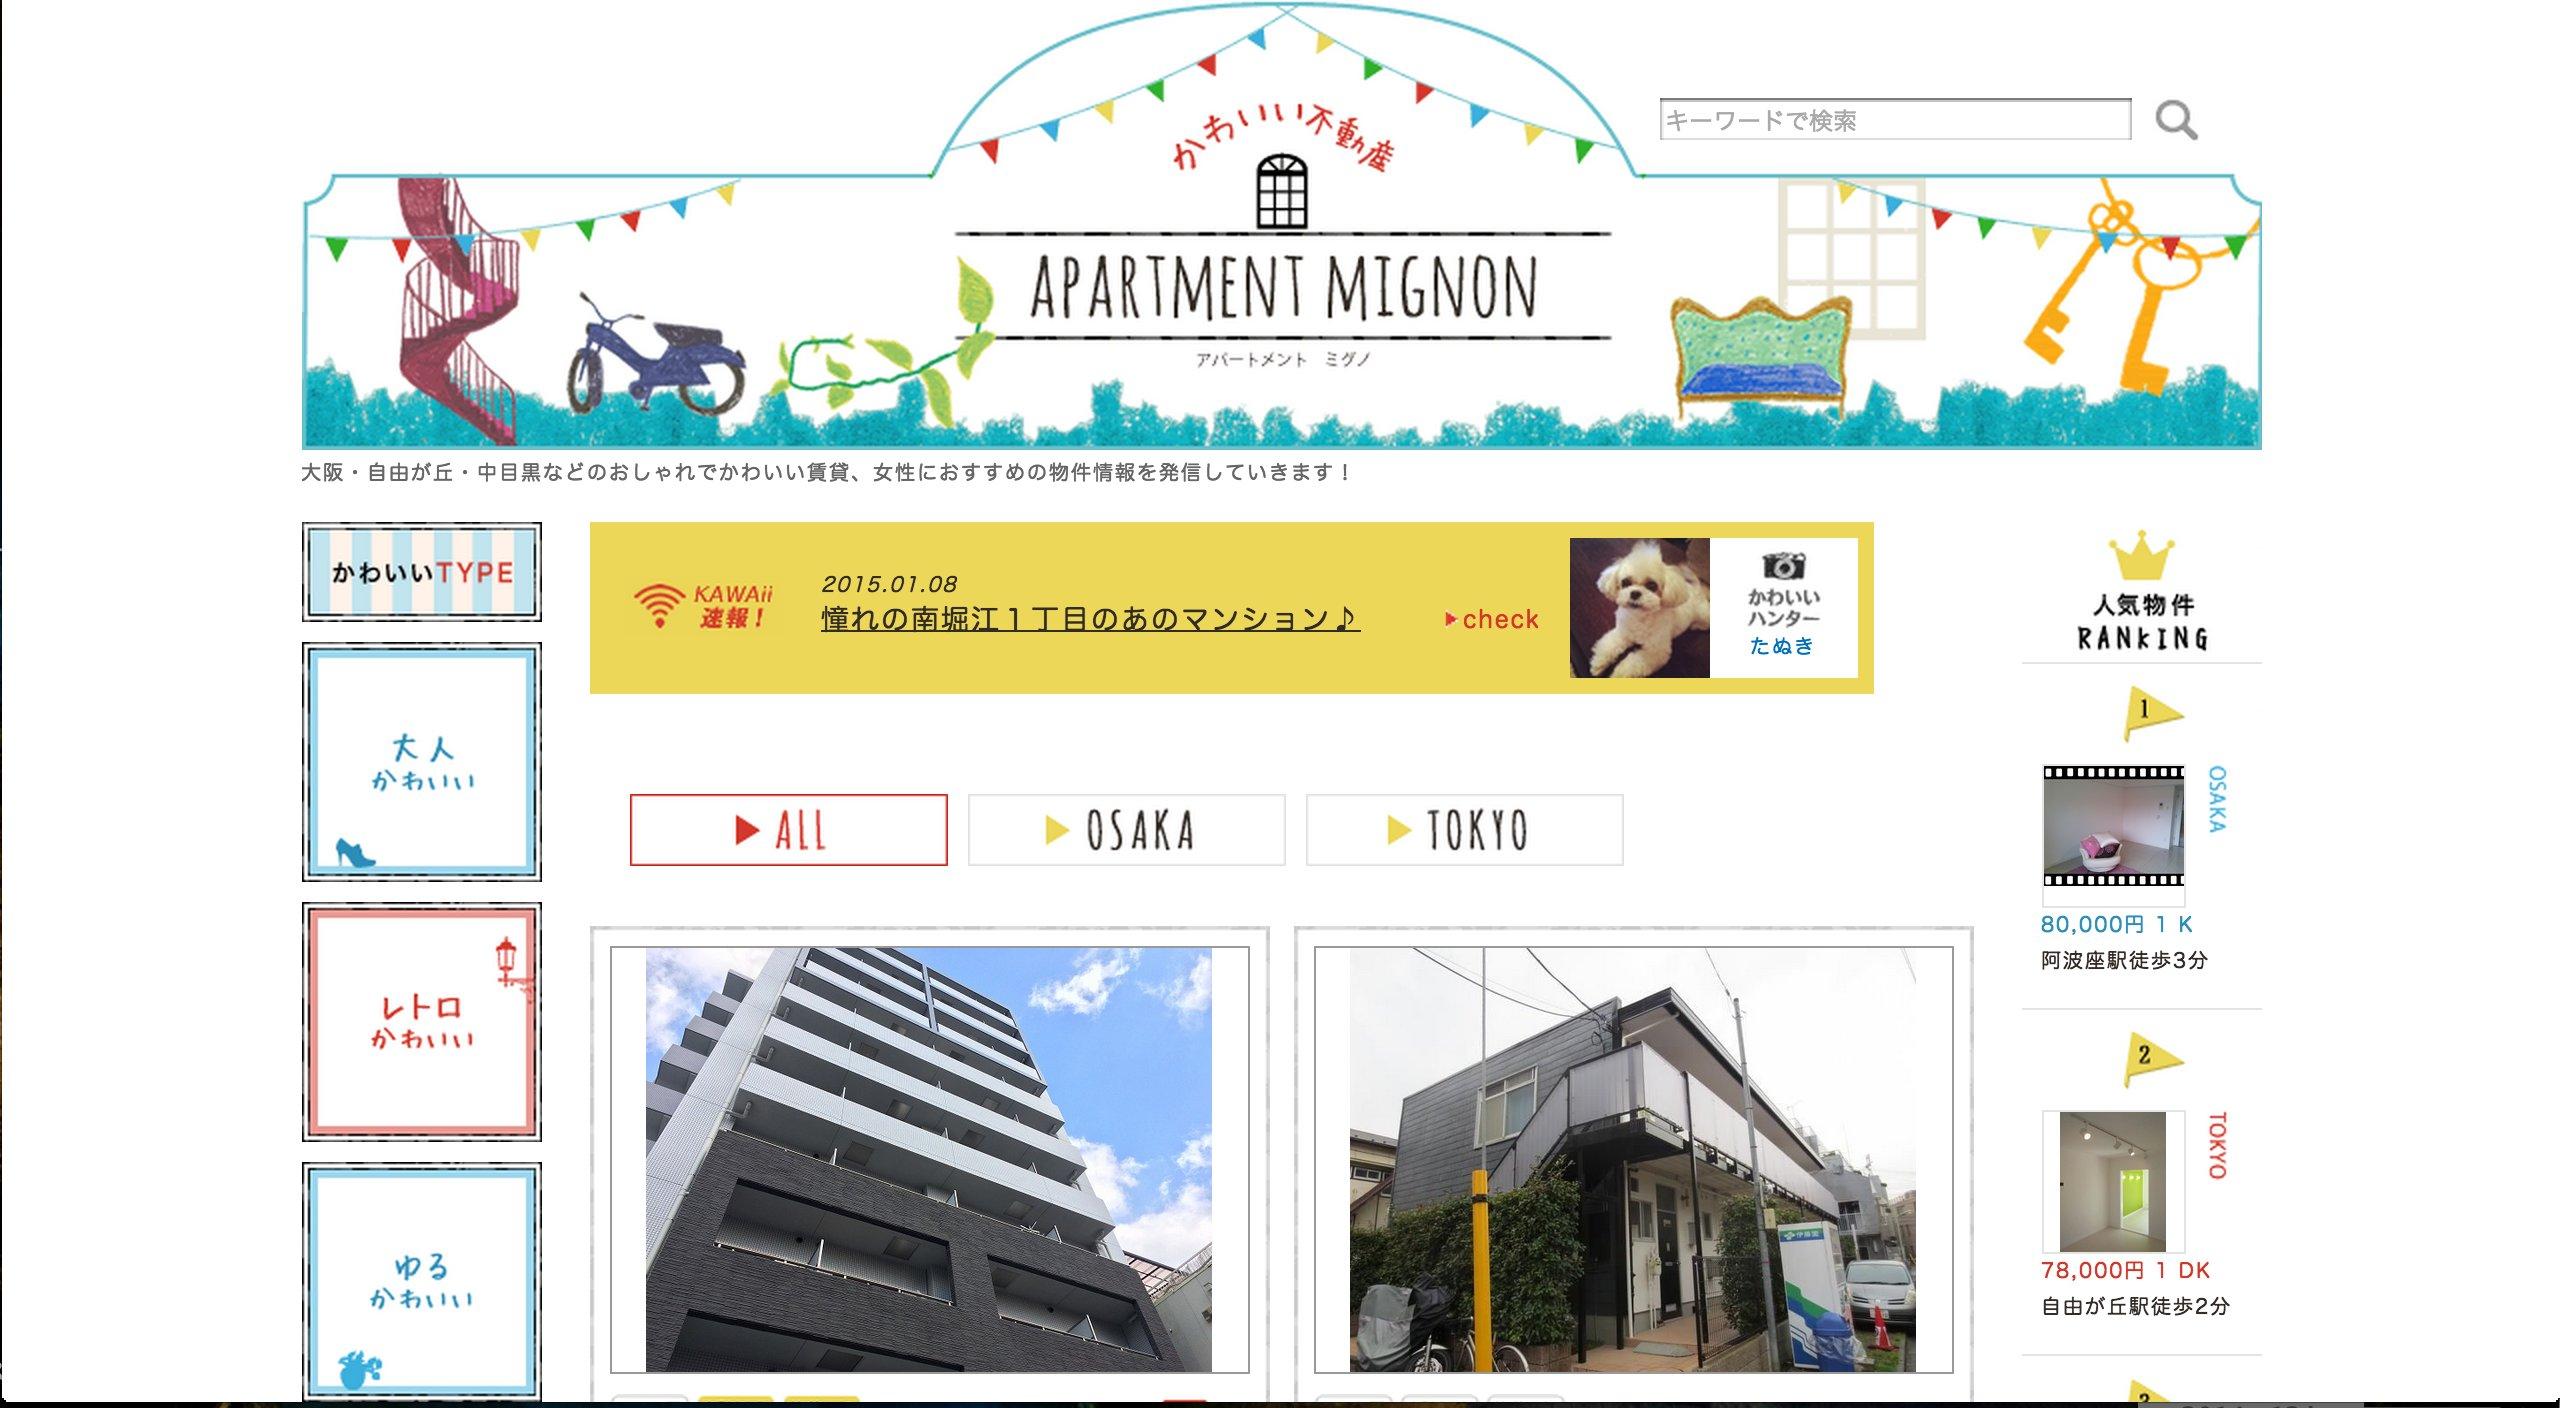 リノベーション賃貸物件が探せる不動産サイト「かわいい不動産APARTMENT MIGNON」